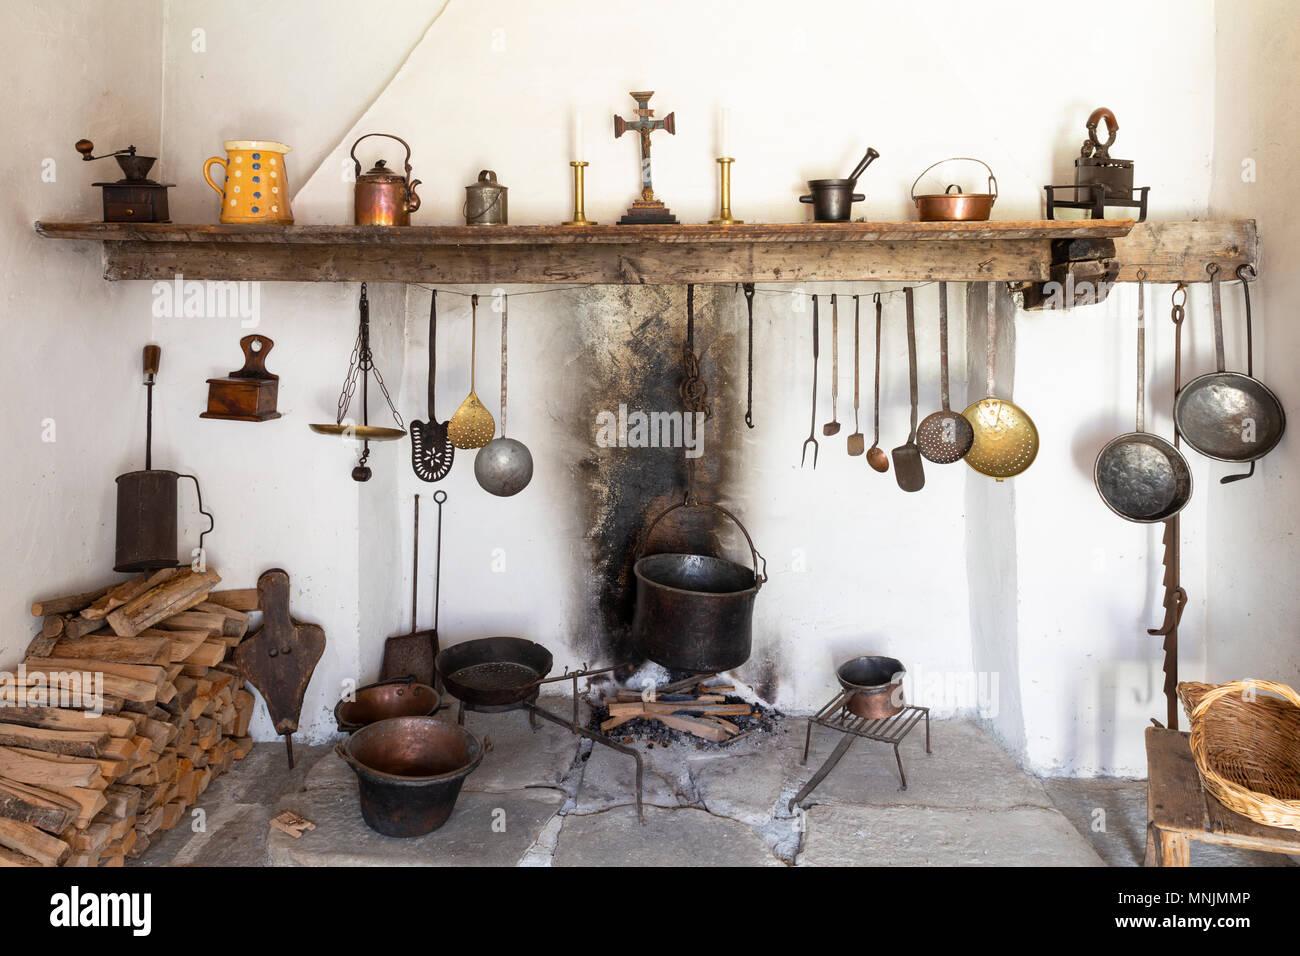 Vorderansicht eines Retro Stil rustikale Küche mit offenem Kamin ...